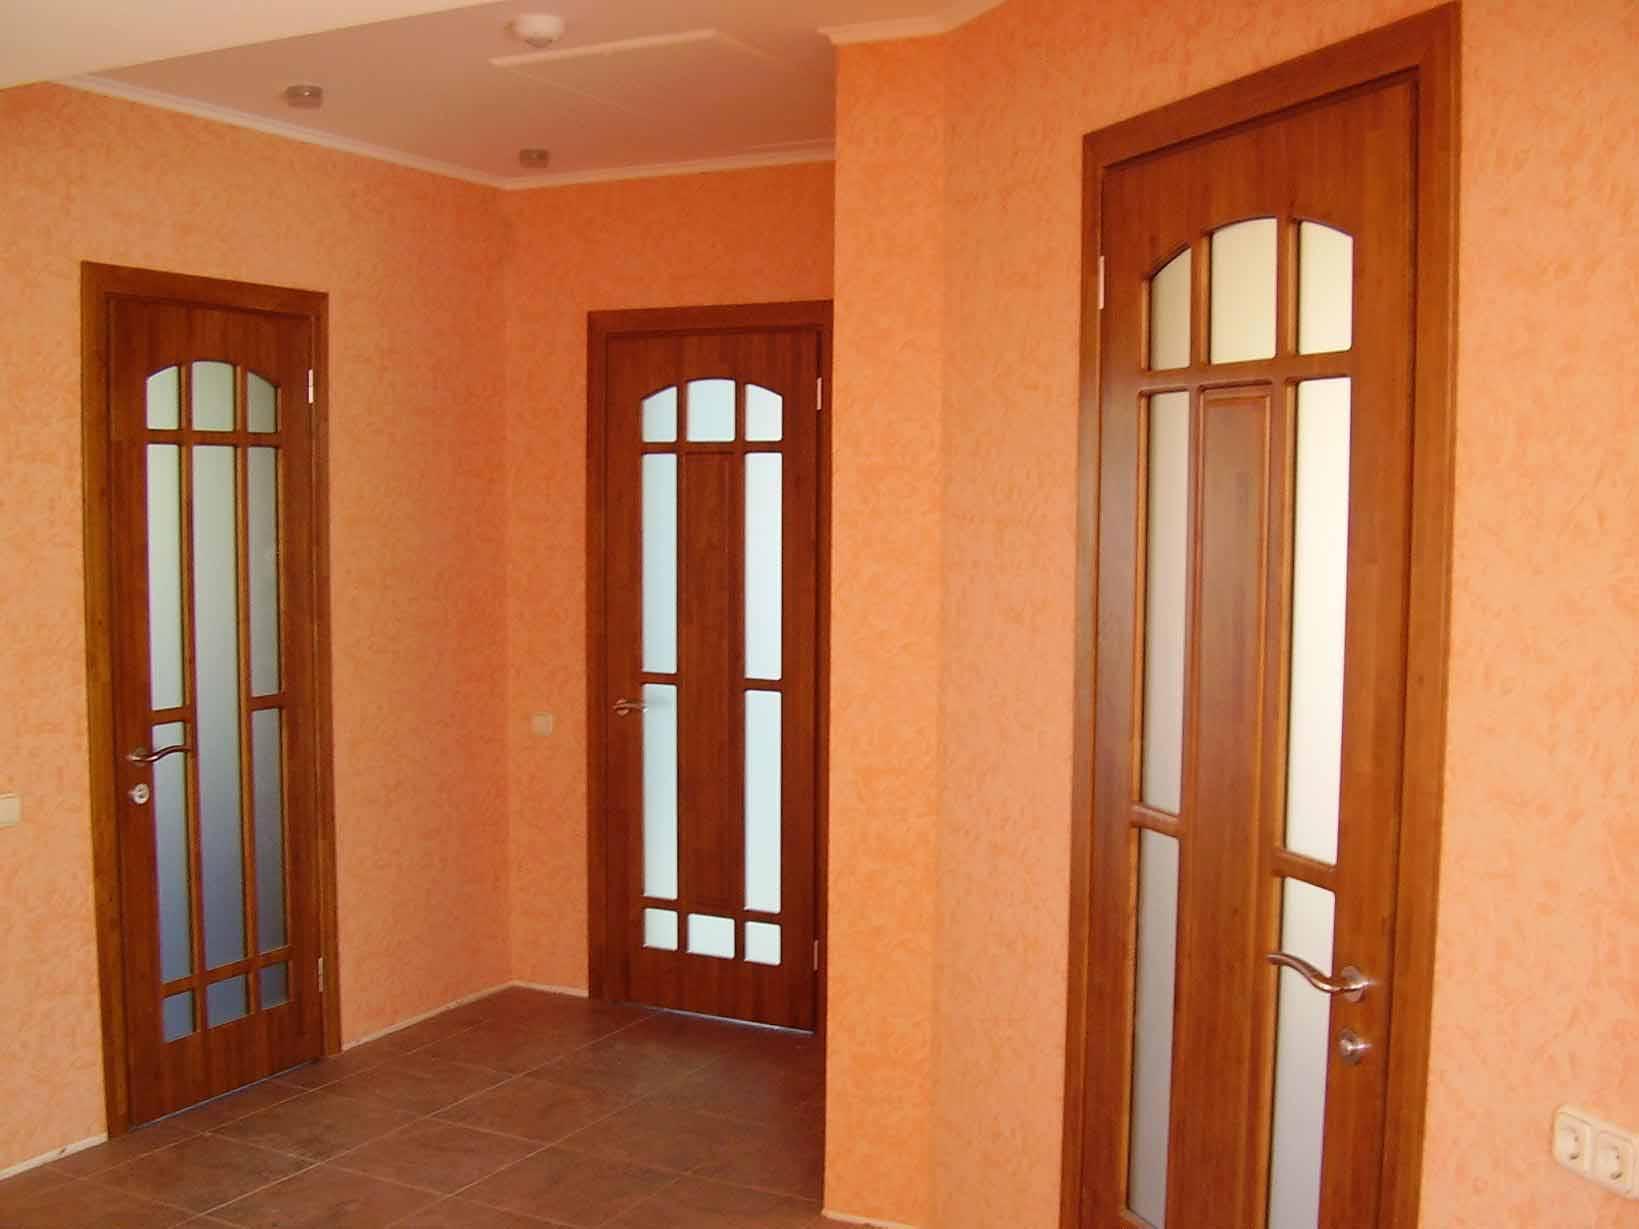 Межкомнатная дверь в стену своими руками